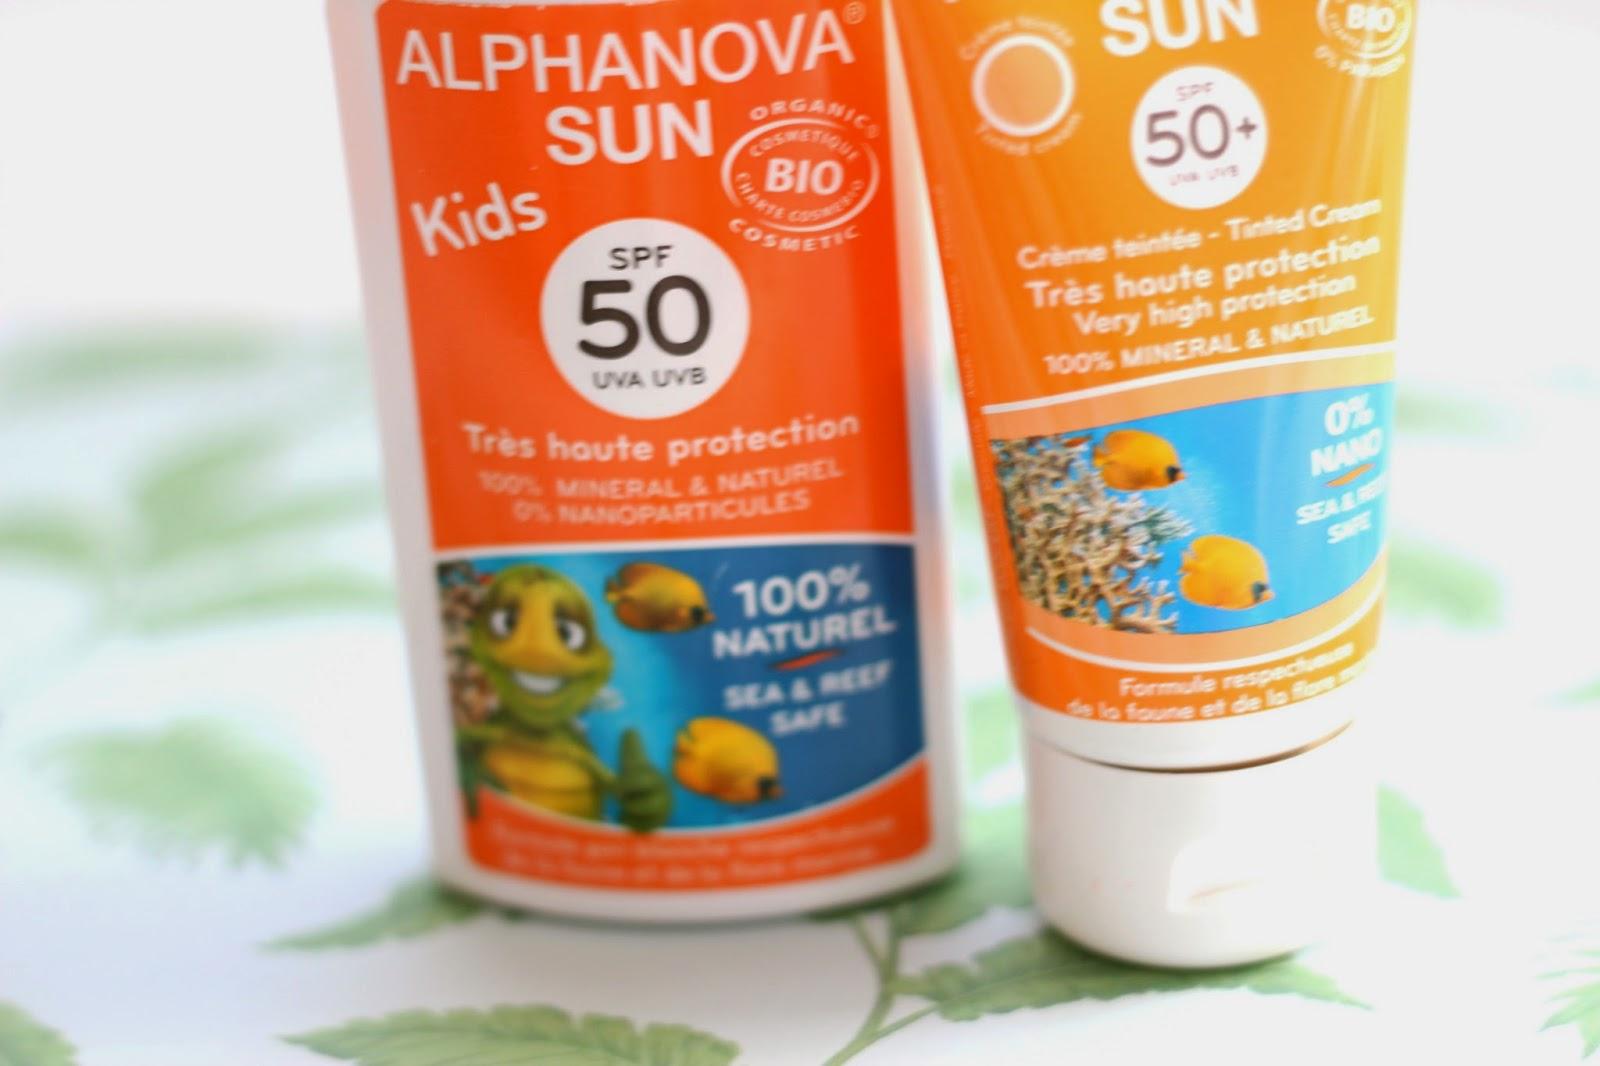 photo-alphanova_sun-cremas-solares-naturallty-cosmética_natural